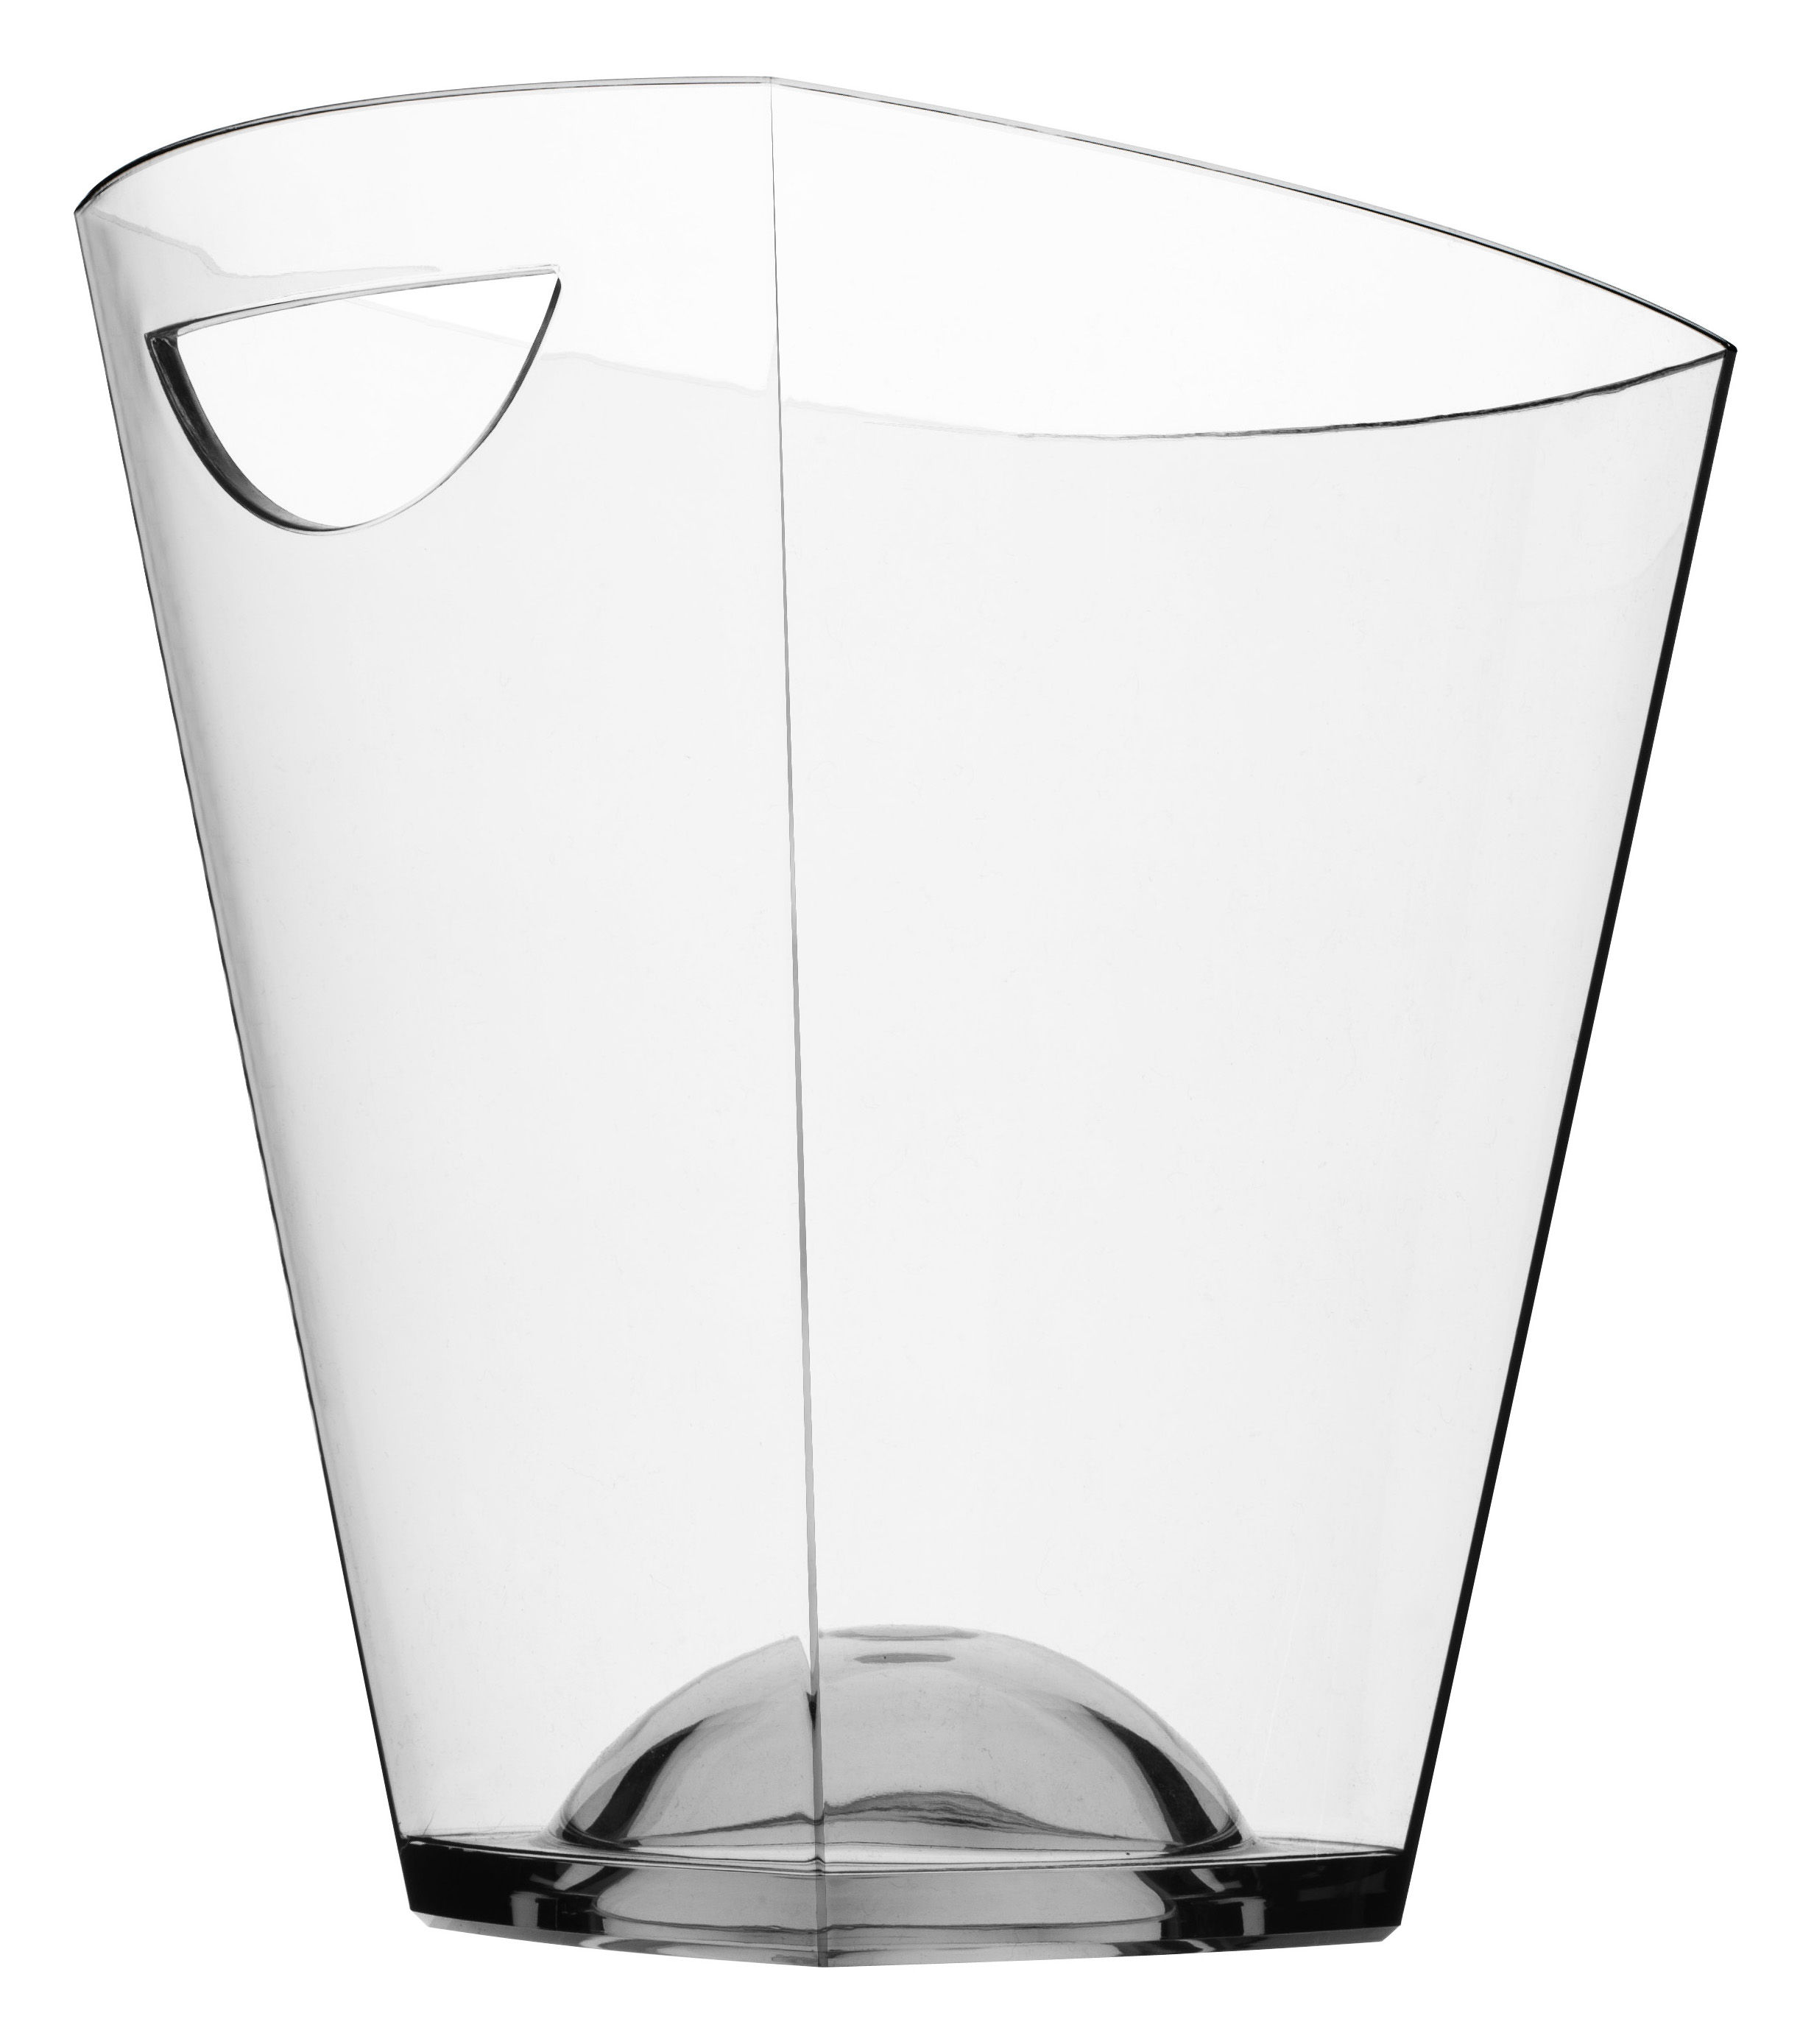 Tavola - Bar, Vino, Aperitivo - Secchiello da champagne Pagoda di Italesse - Trasparente - vetro acrilico